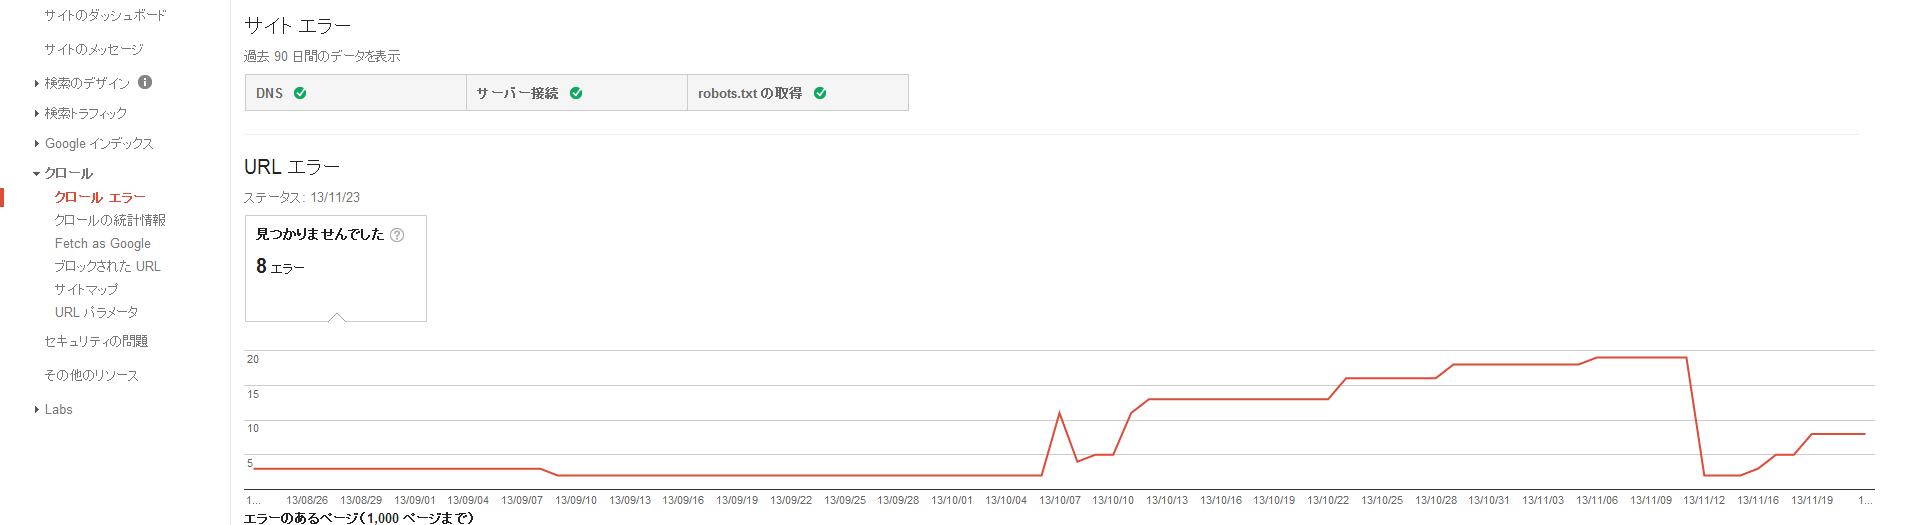 ウェブマスターツール、クロールエラーの画像です。クロールできなかったURLを表示してくれます。